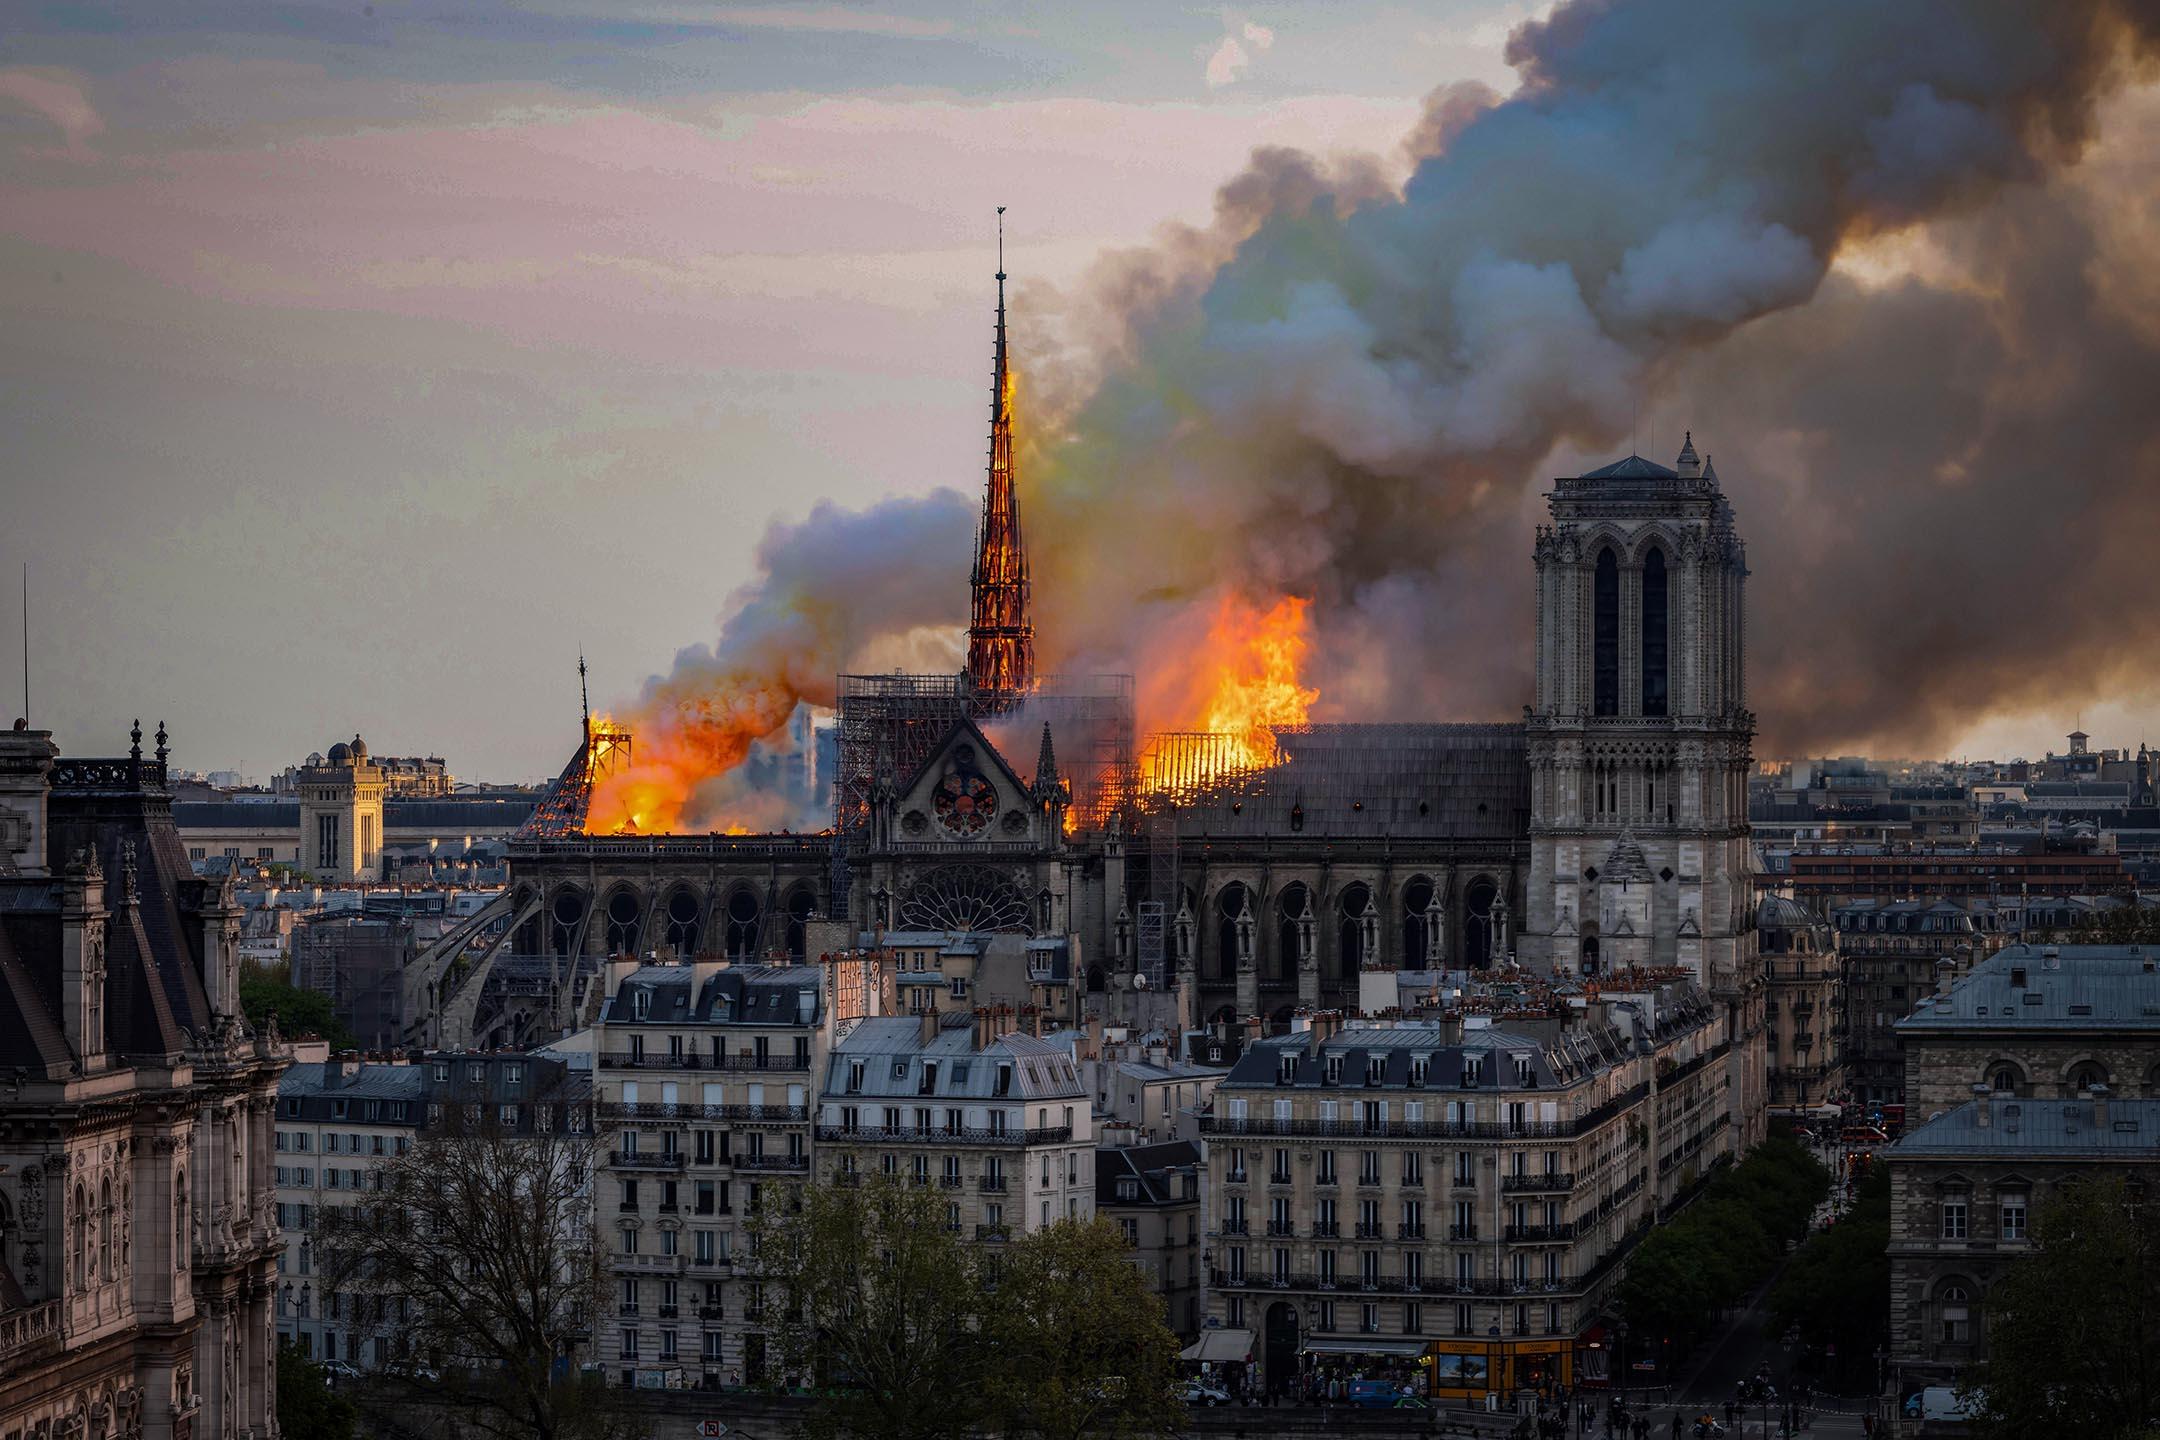 2019年4月15日,法國巴黎,巴黎聖母院在燃燒,並冒出大量濃煙。 攝:Fabien Barrau/AFP via Getty Images